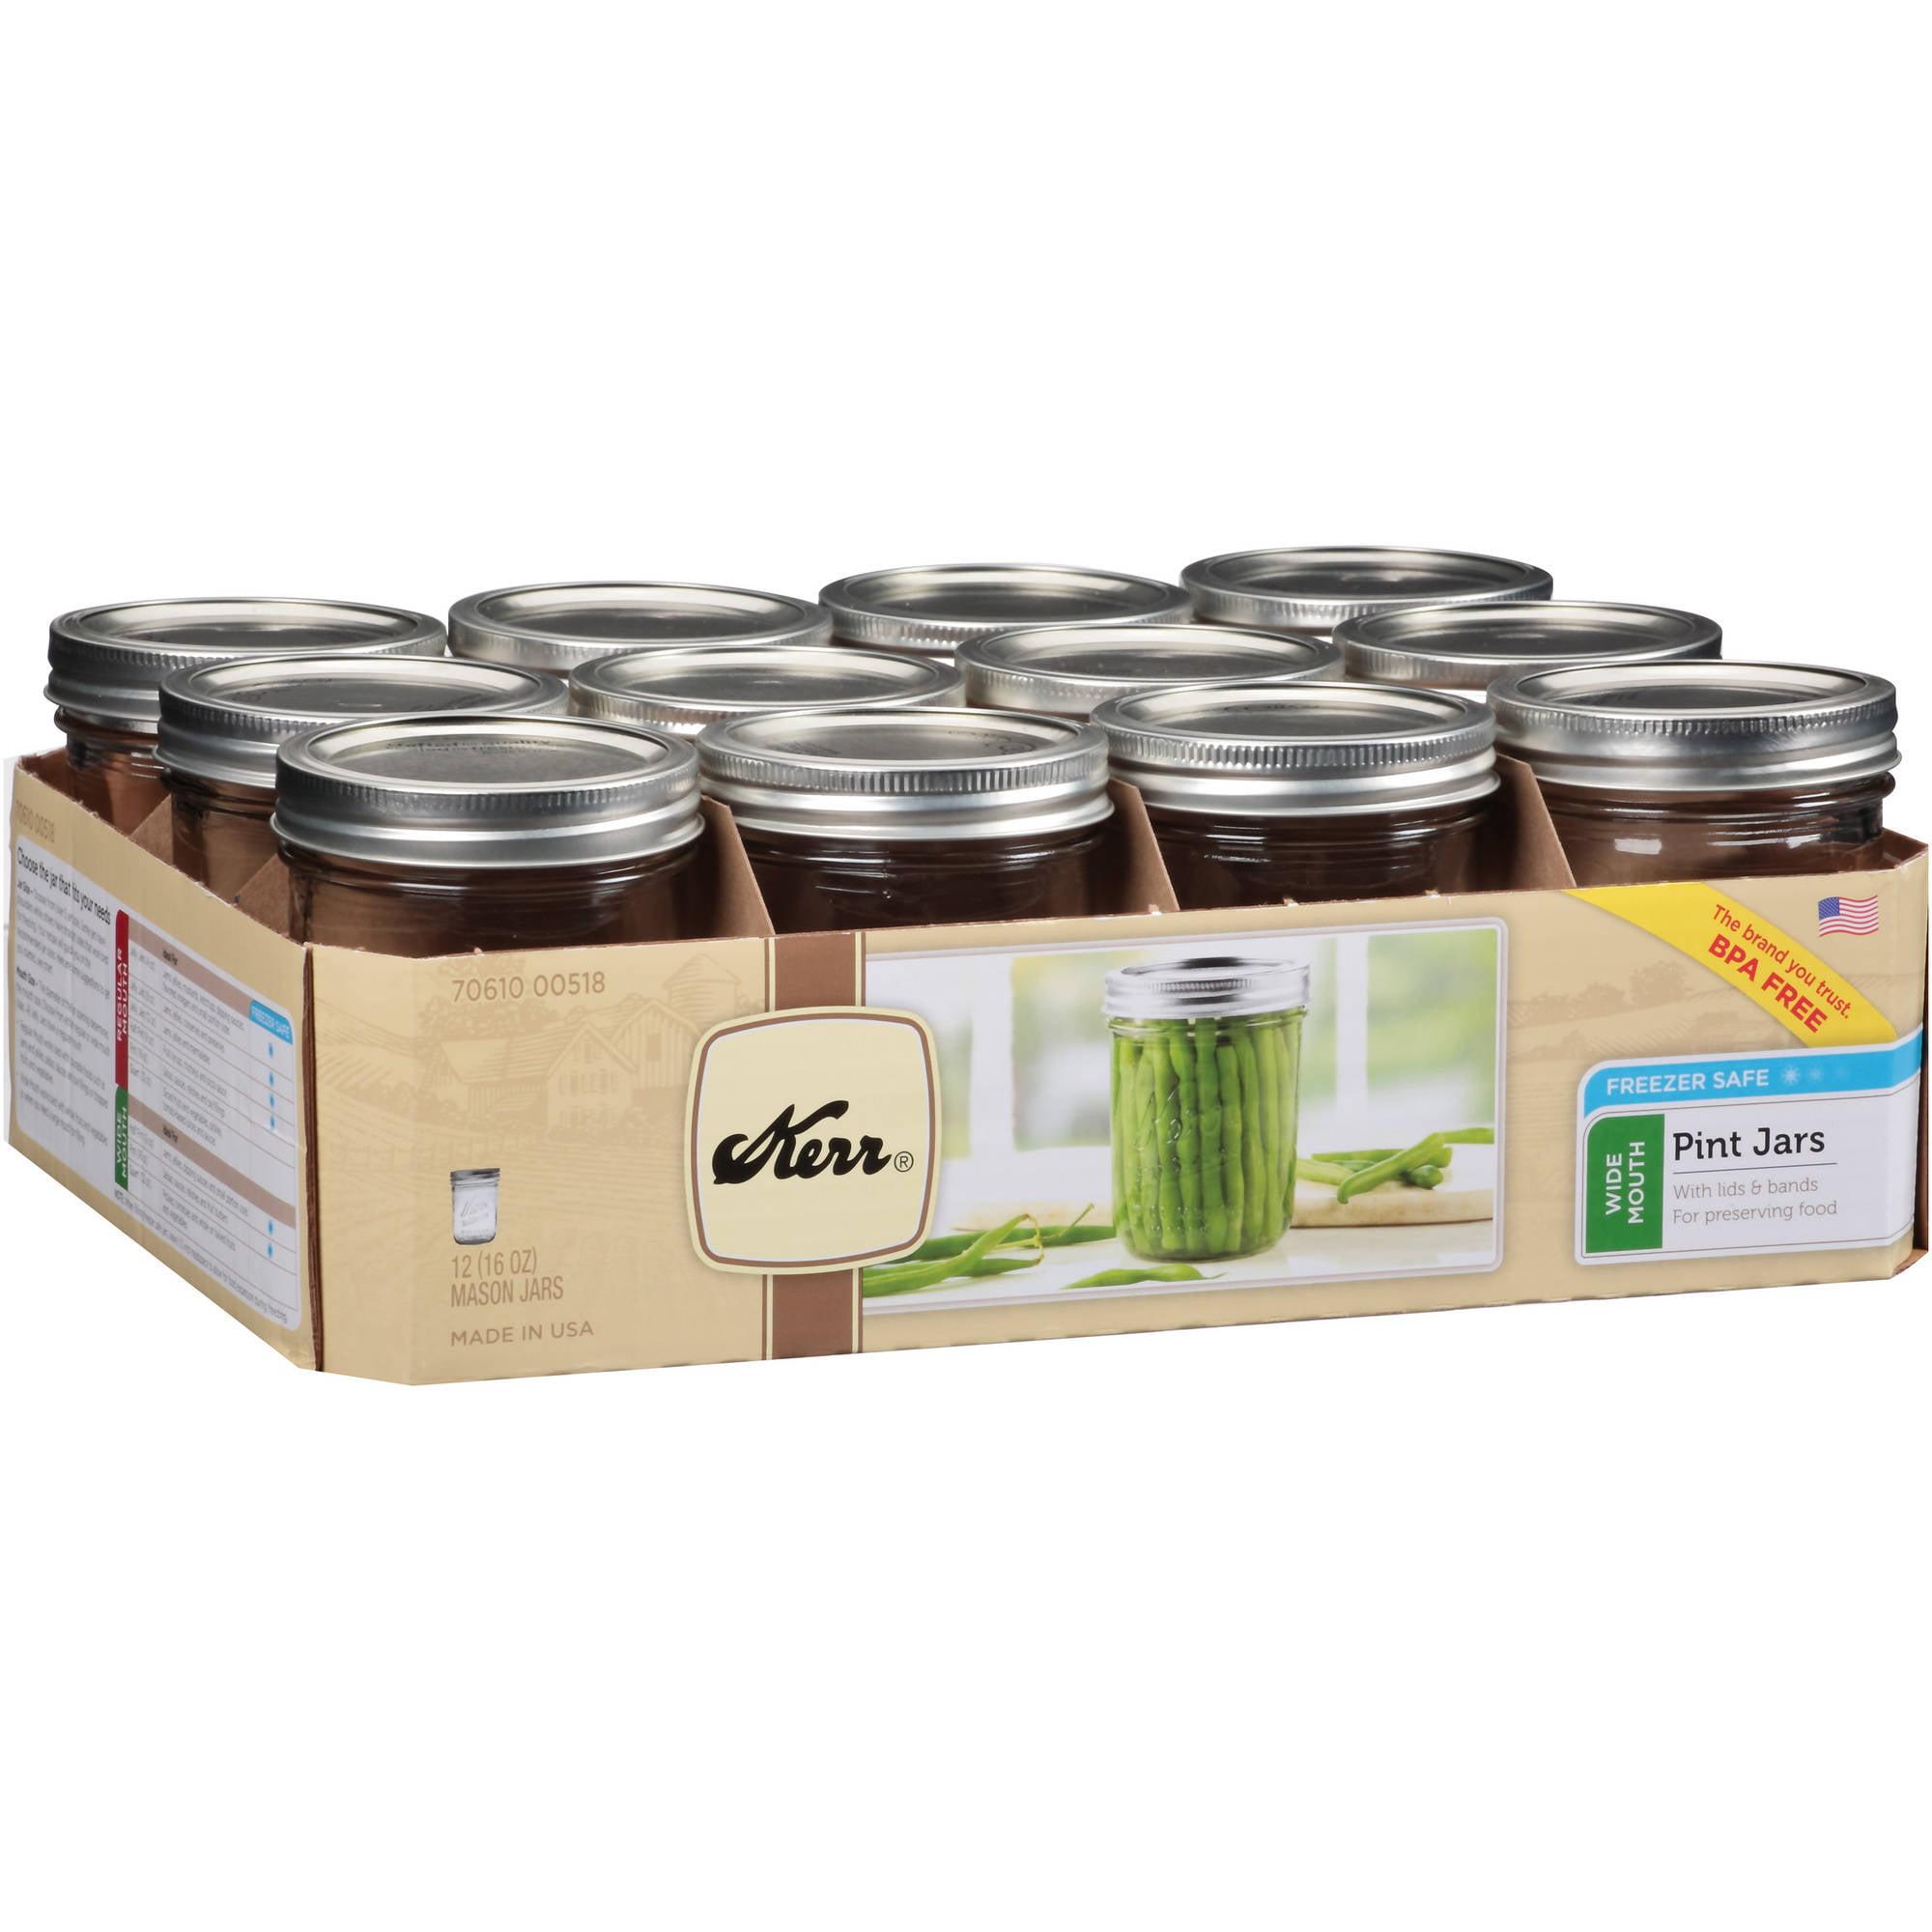 Loew-Cornell Kerr Wide-Mouth Mason Jar, 12-Pack